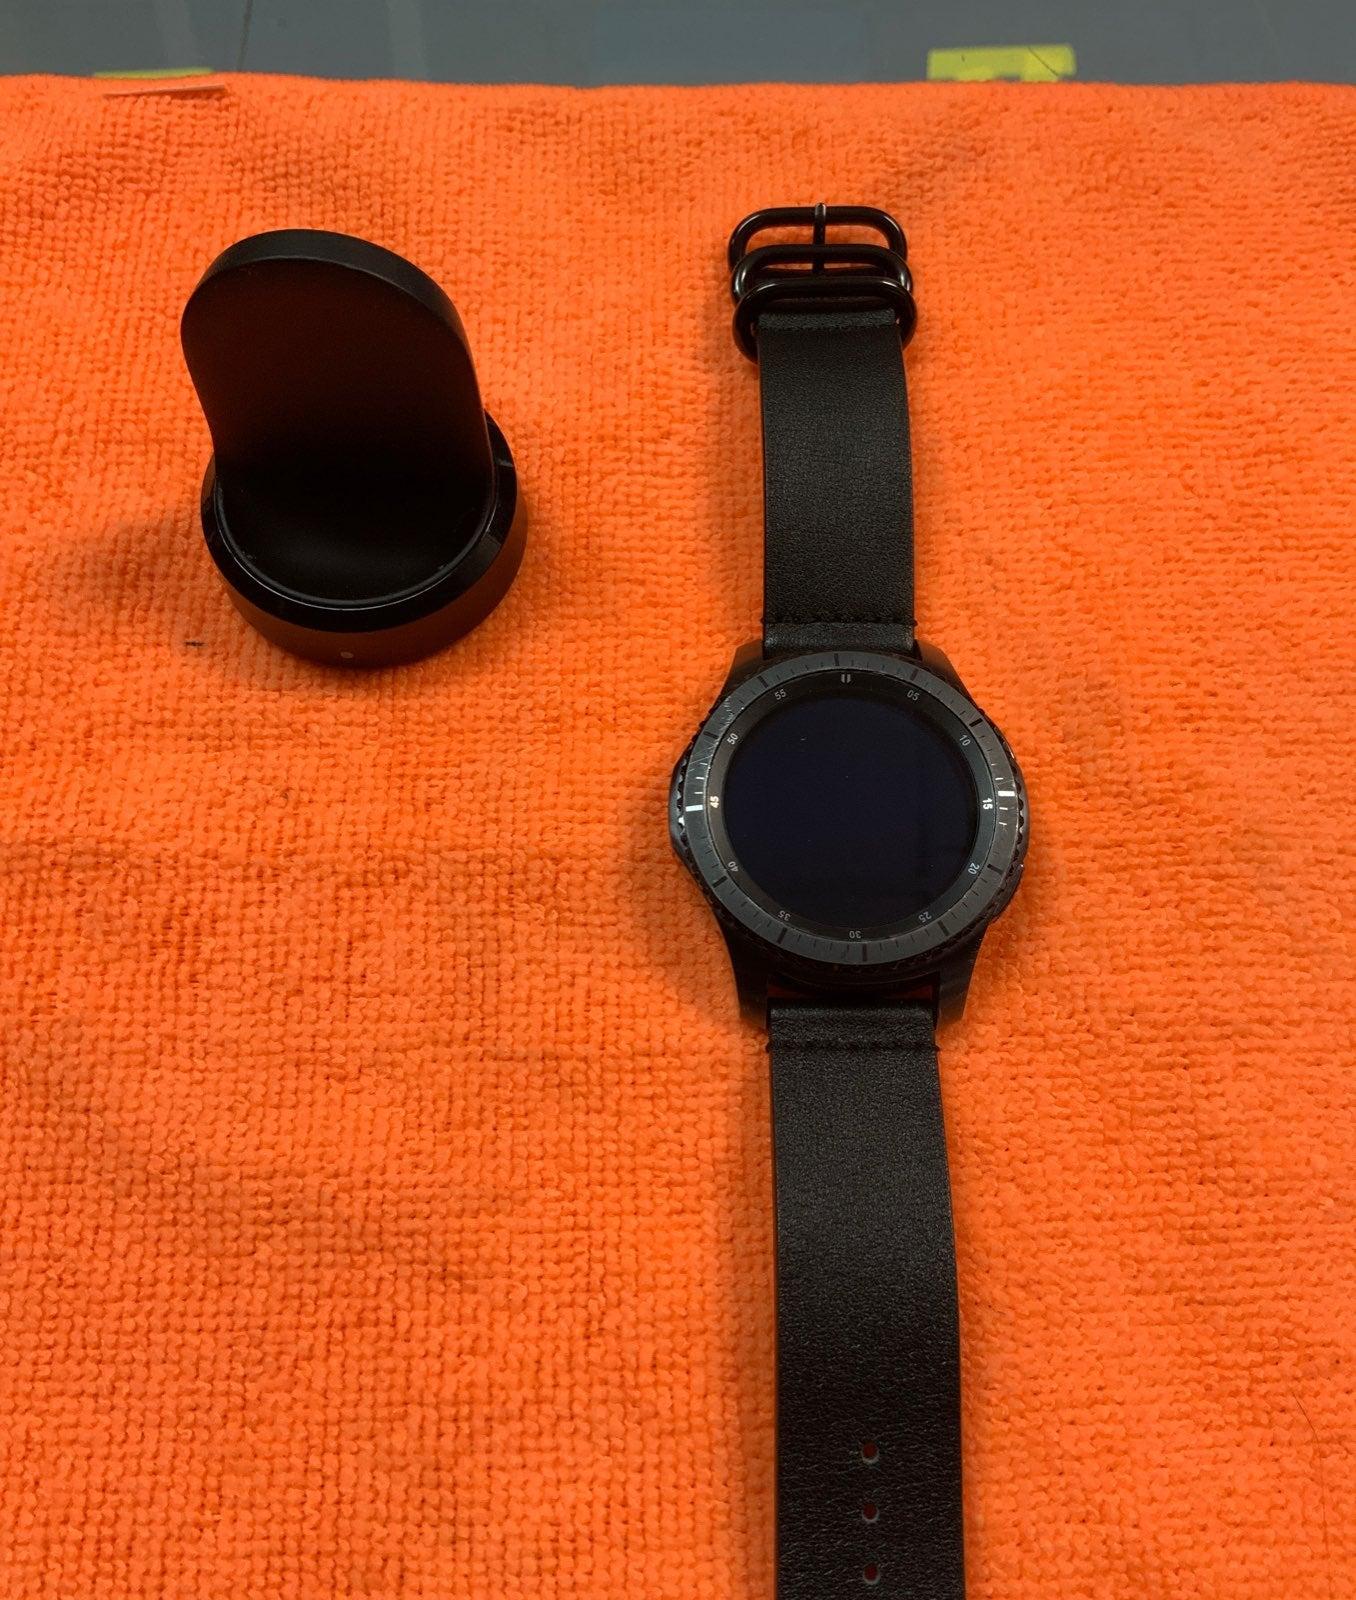 Samsung Gear S3 Frontier Unlocked